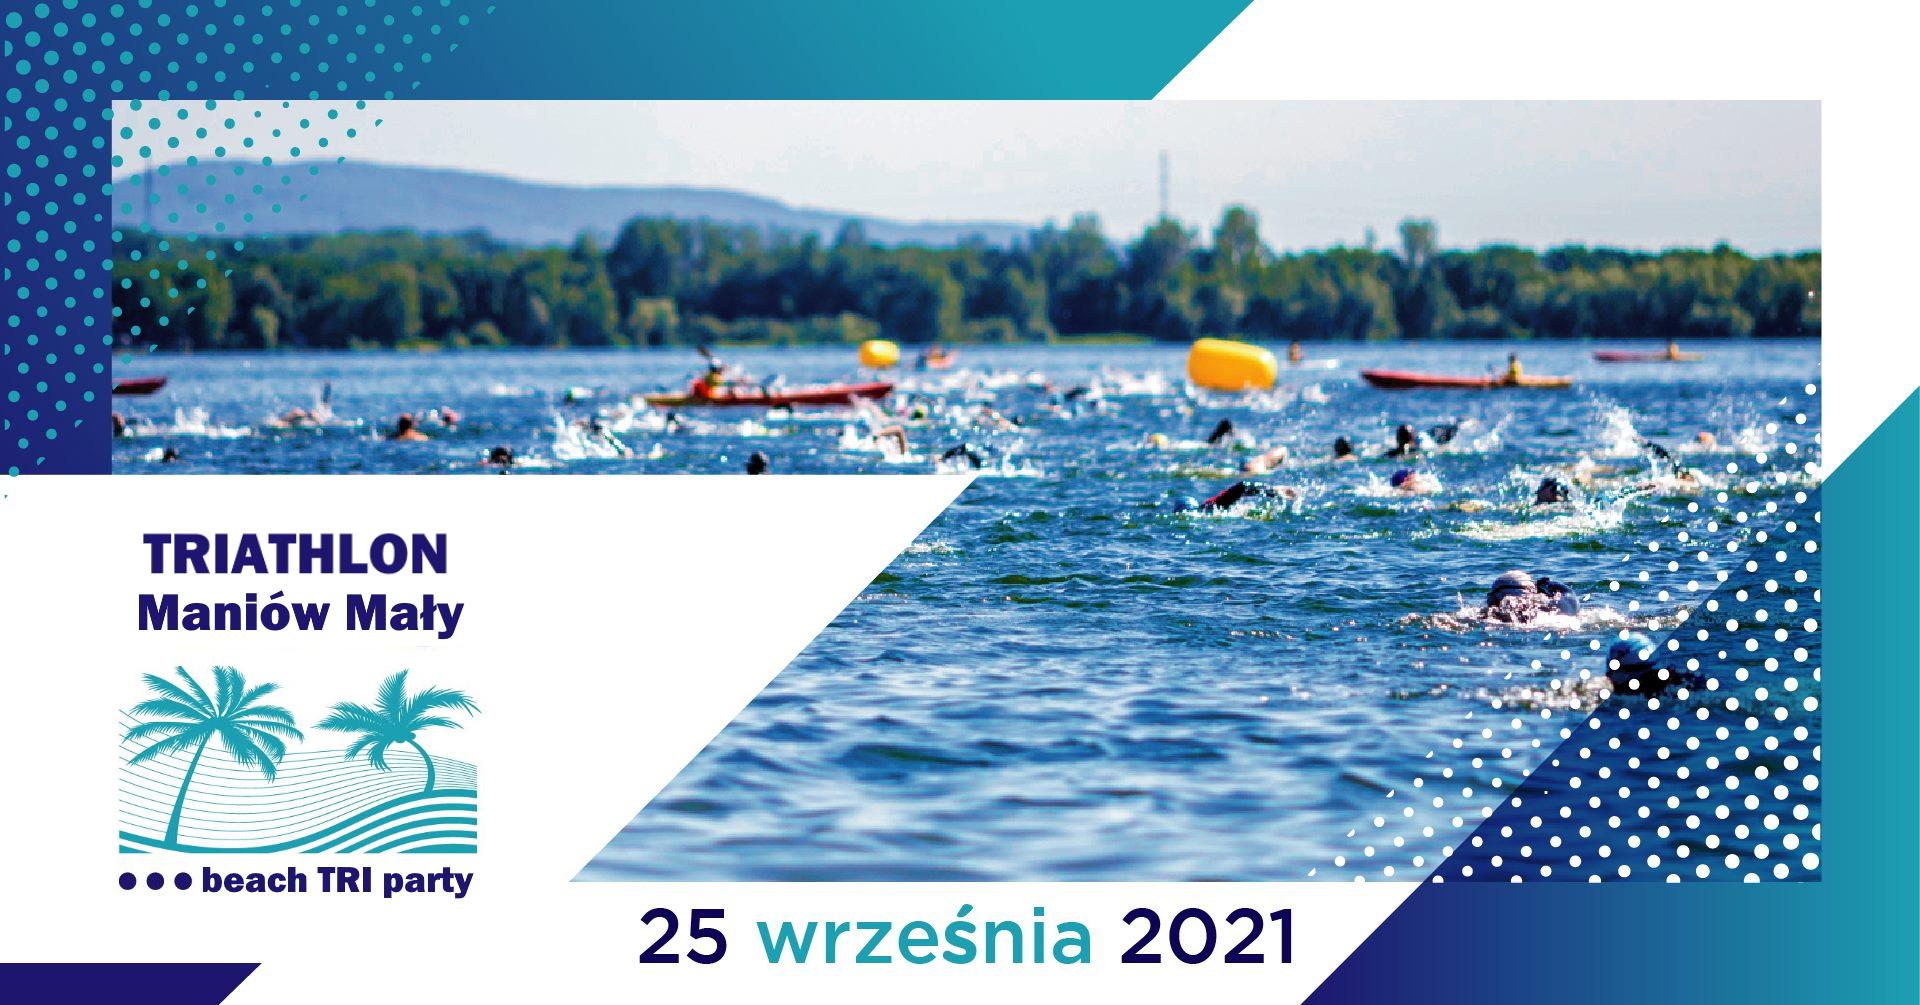 Logo Zawodów Triathlon Maniów Mały - beach Tri party 2021